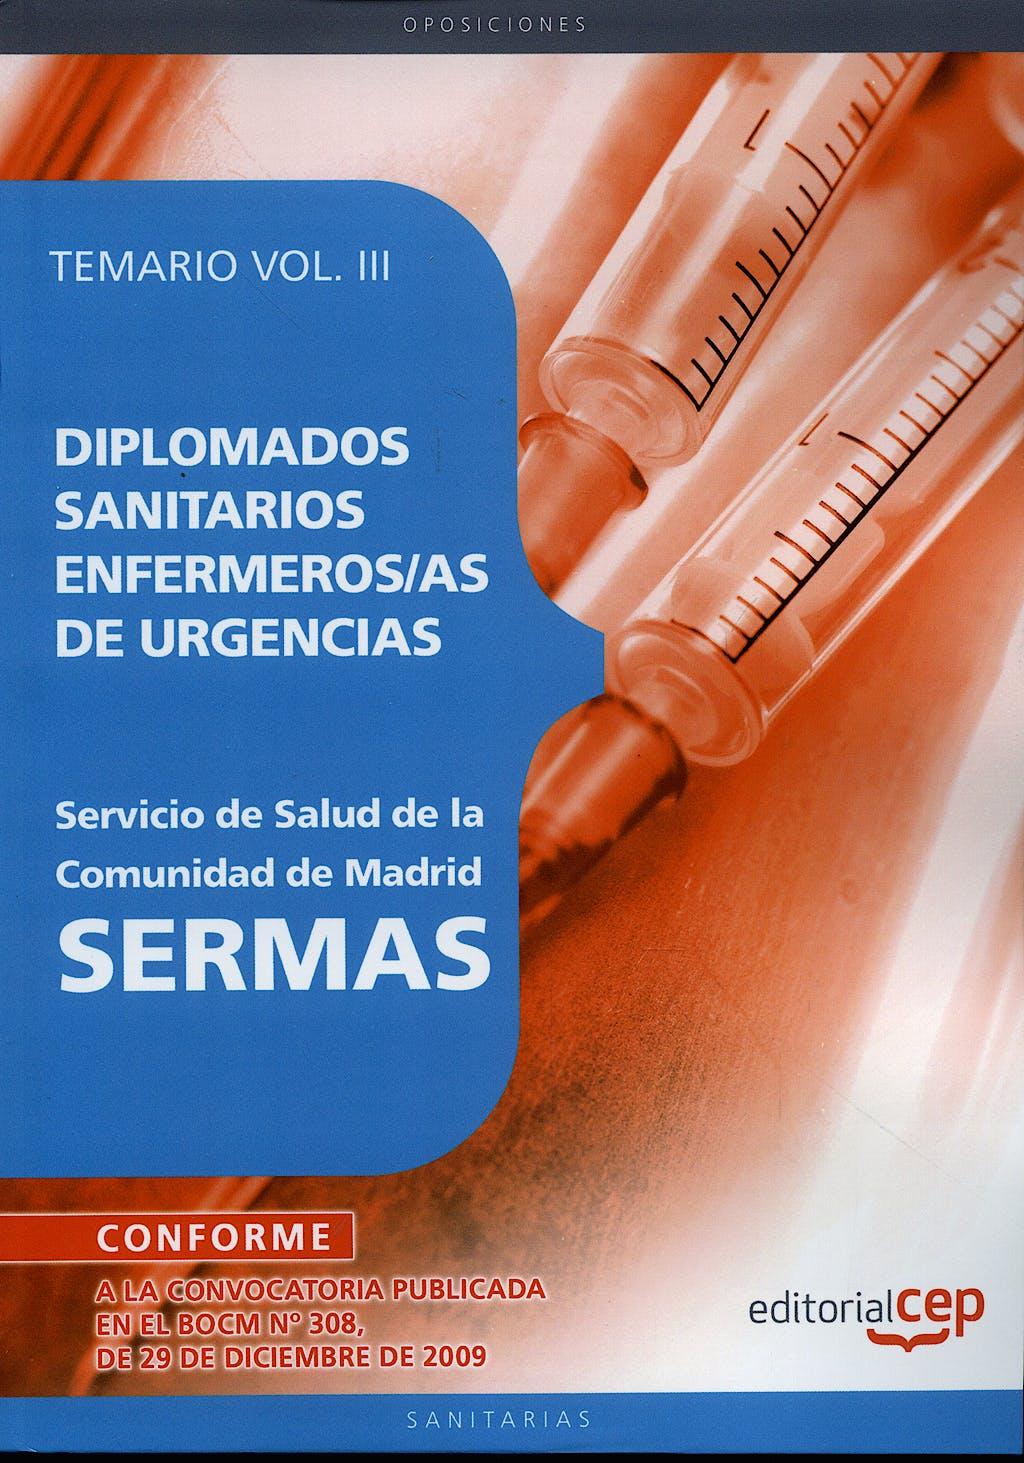 Portada del libro 9788499374901 Diplomados Sanitarios Enfermeras/os de Urgencias, Sermas. Temario, Vol. III